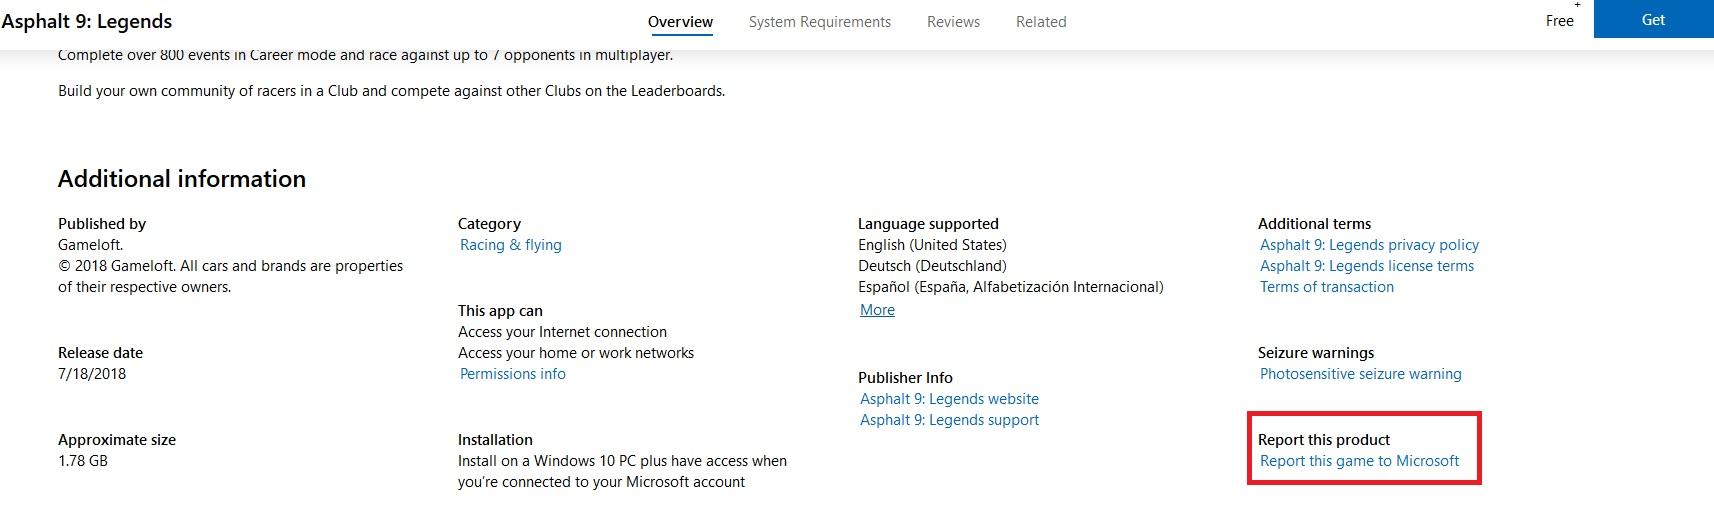 Asphalt 9 is deleted because Kaspersky Internet Security